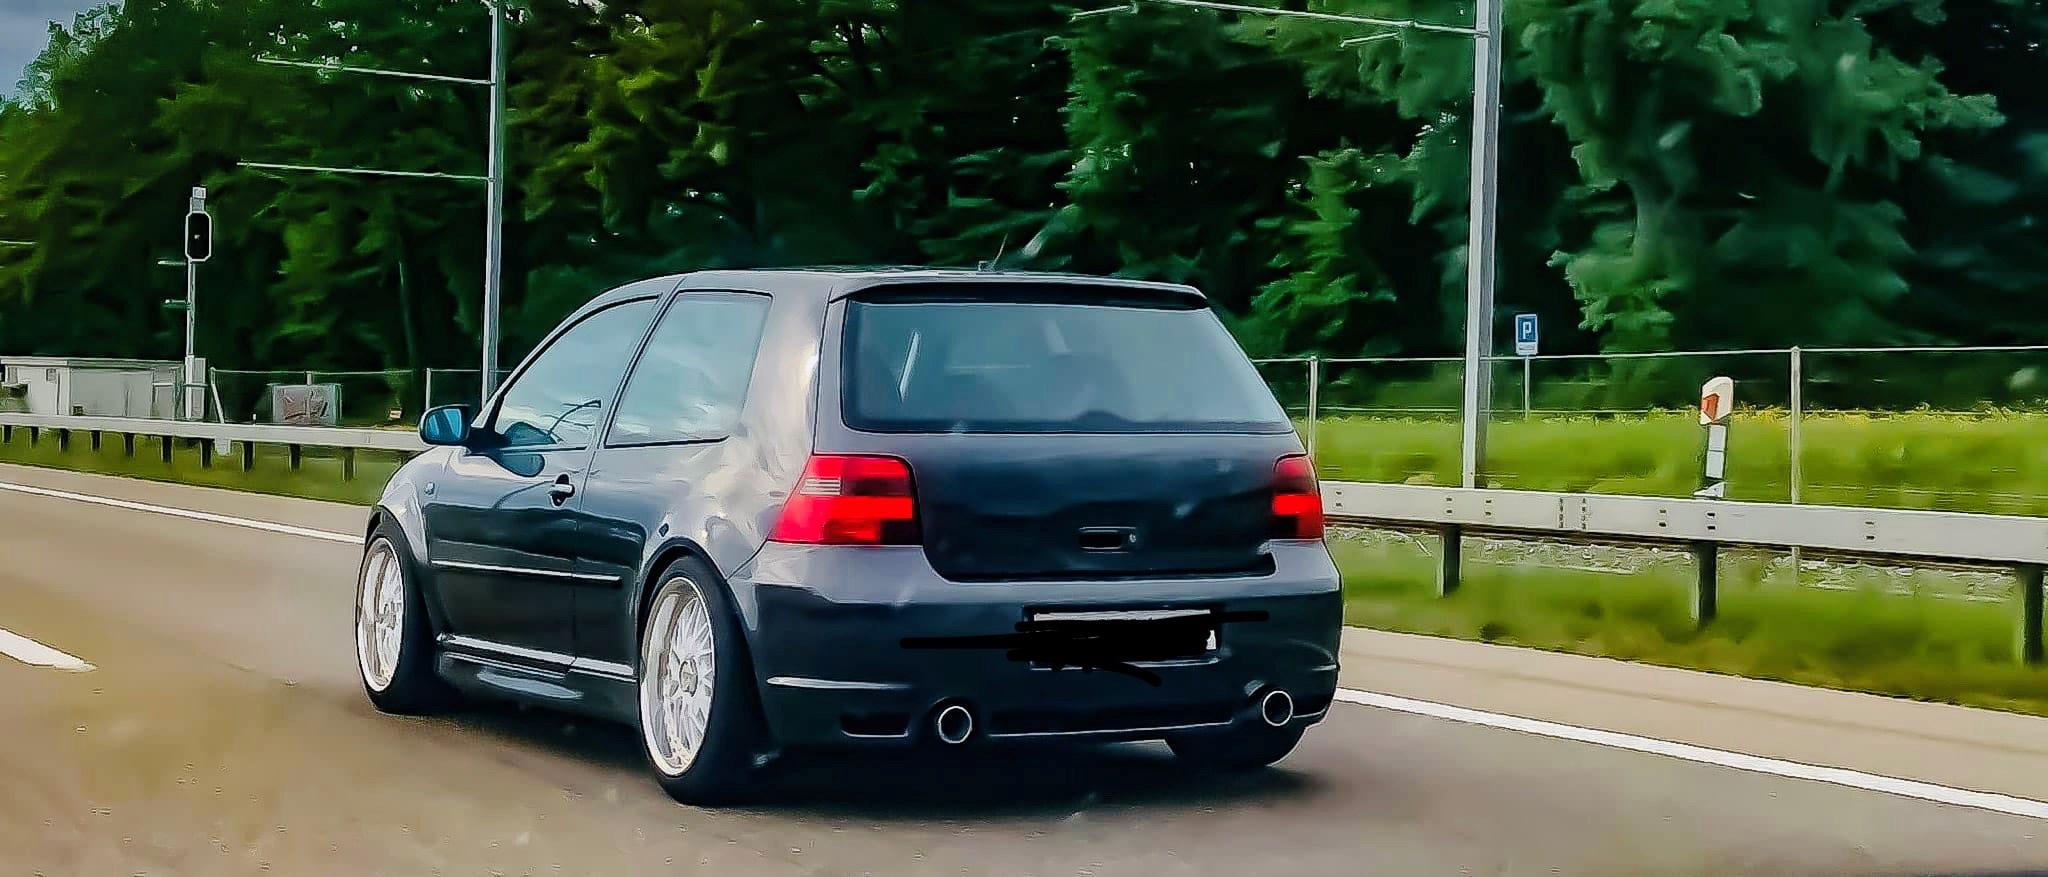 VW Golf IV 3.2 V6 R32 4motion